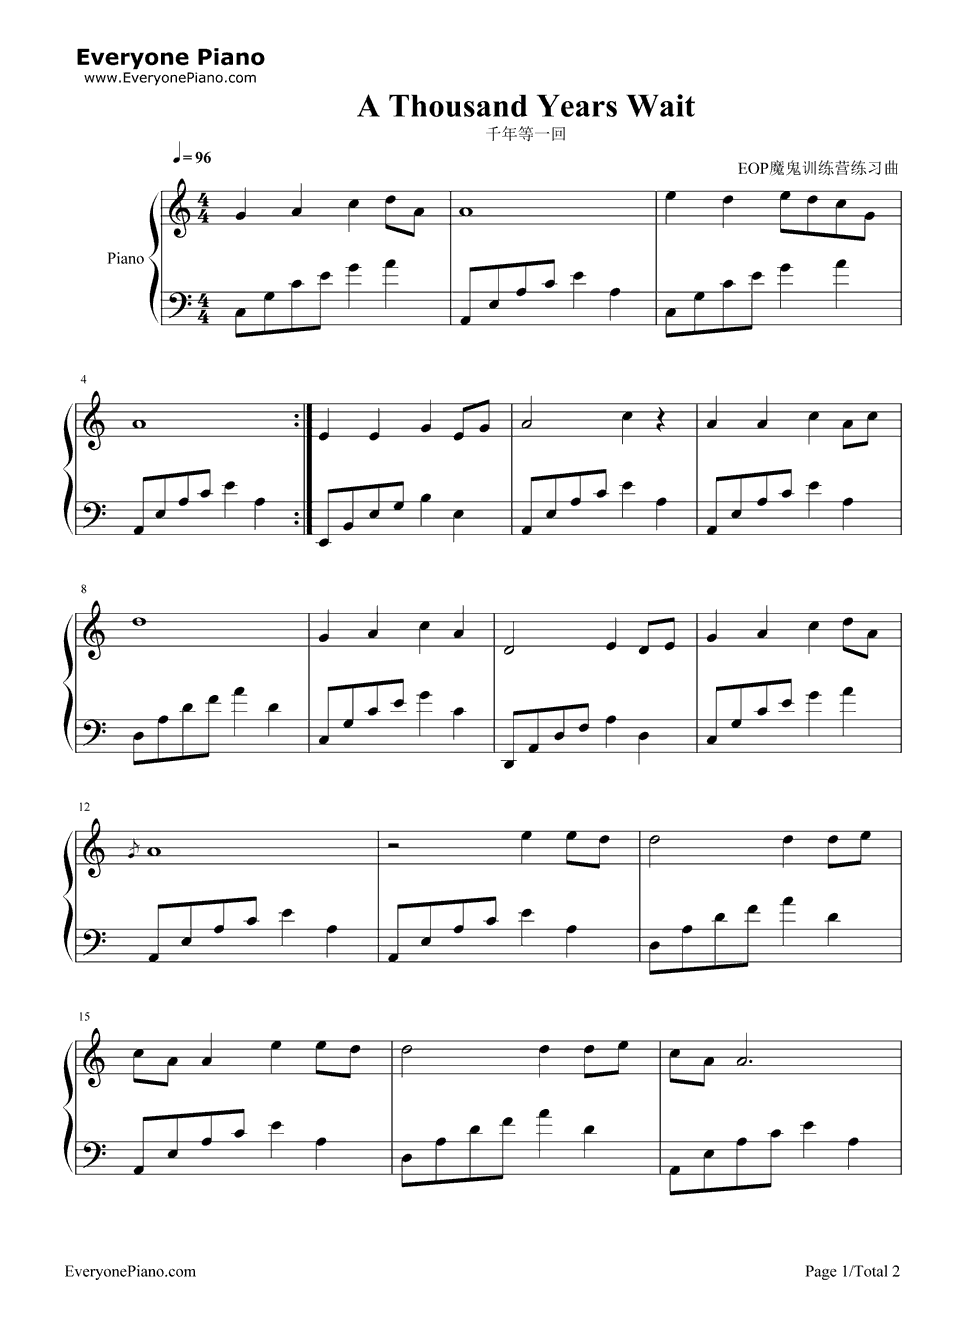 千年等一回-新白娘子传奇主题曲五线谱预览1